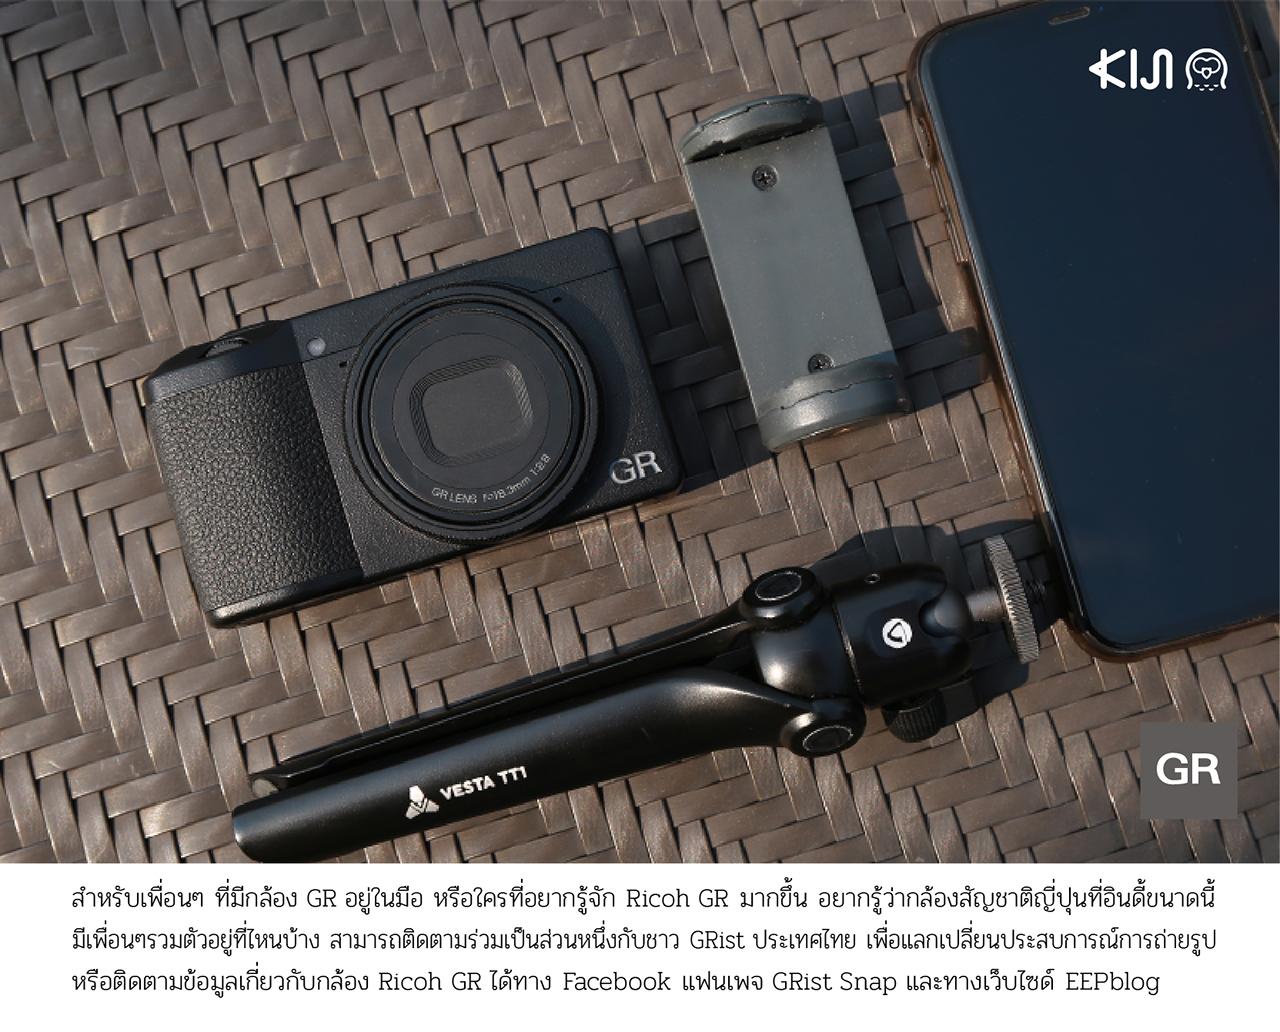 เที่ยว Nanao พร้อมเก็บภาพสวยๆ กับกล้อง Ricoh GR